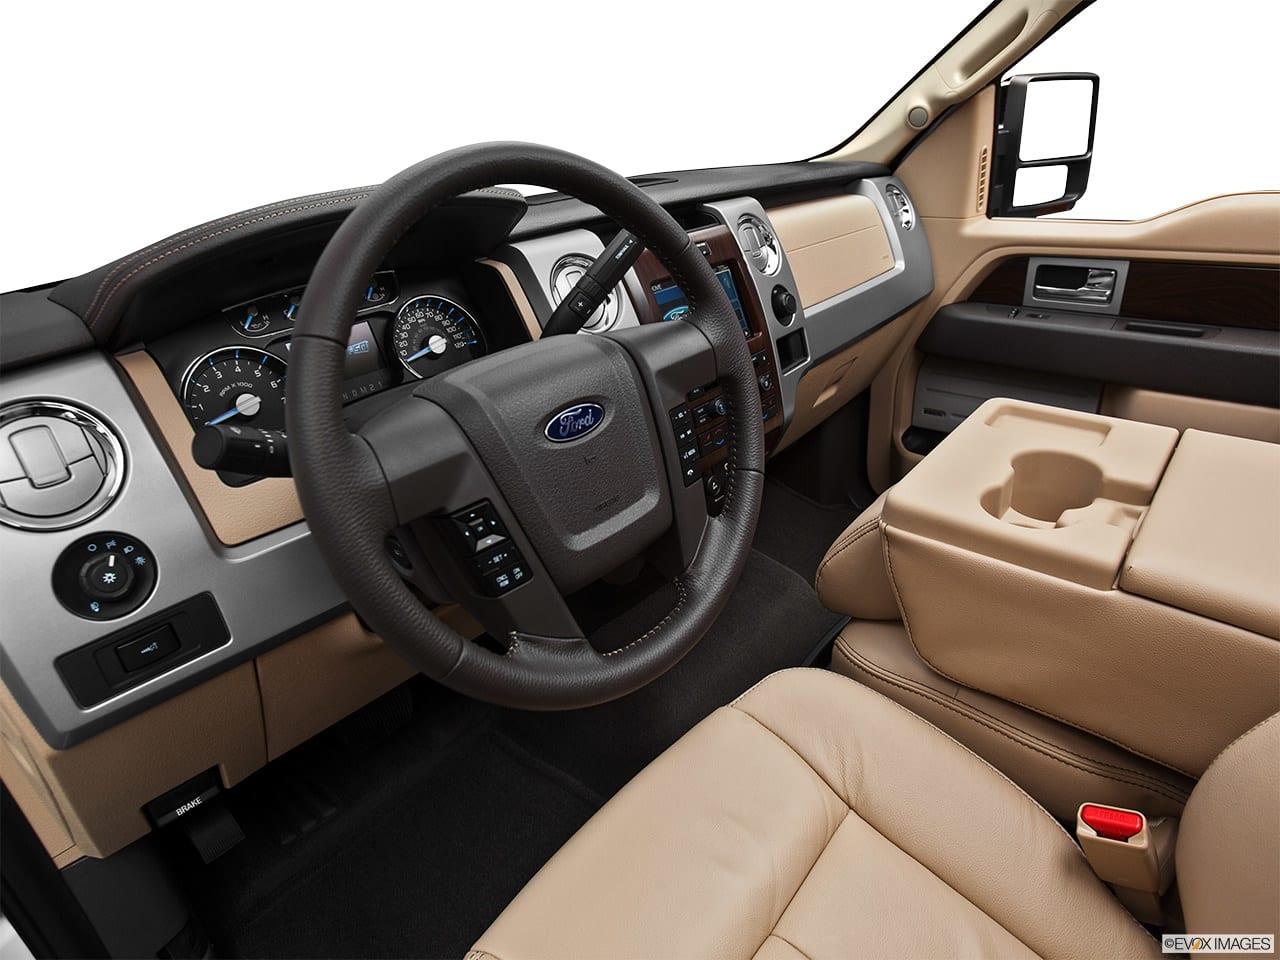 Ford F-150 2012 Interior